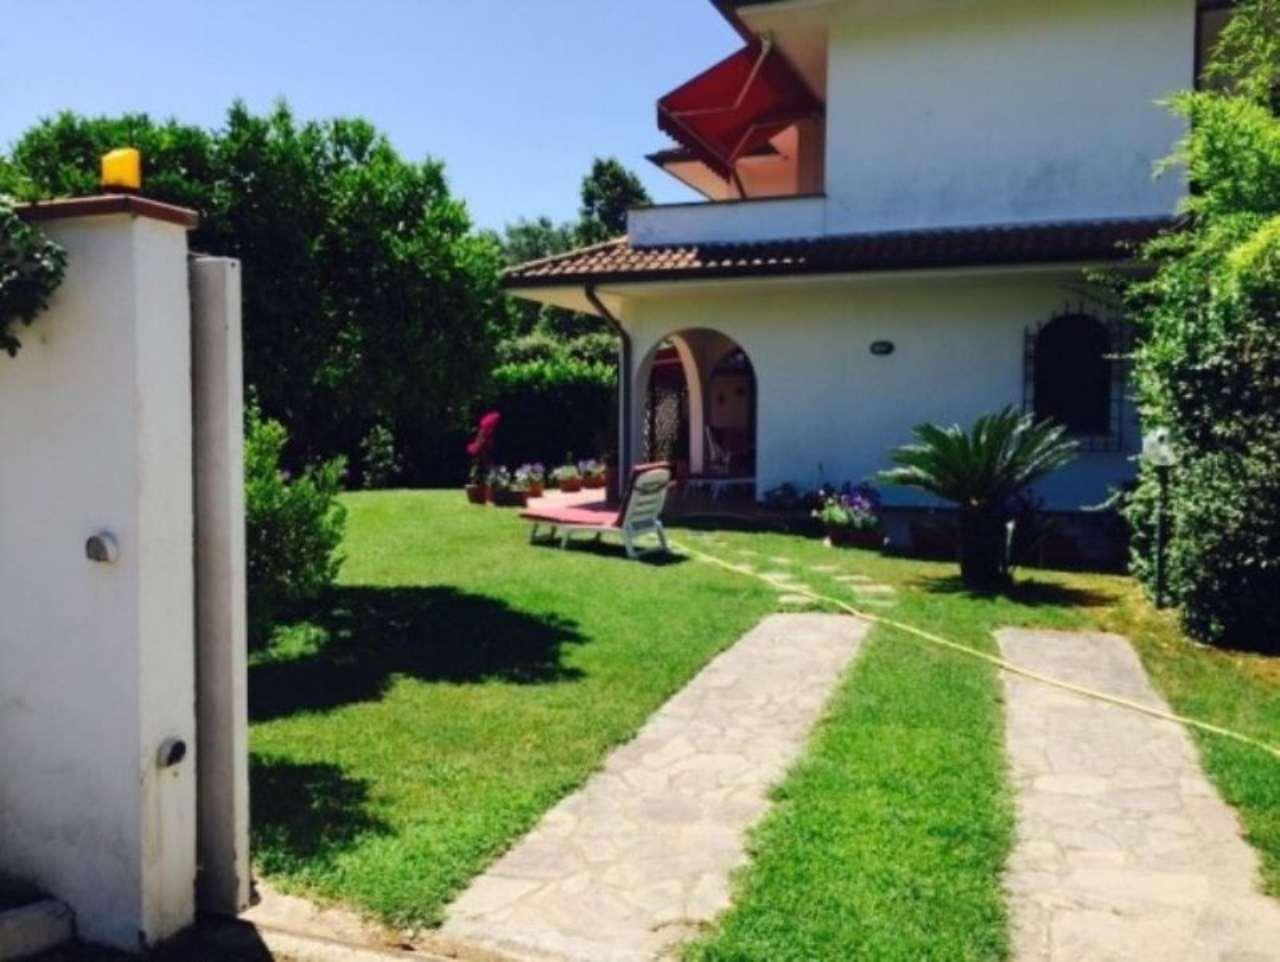 Villa in vendita a Sabaudia, 6 locali, prezzo € 350.000 | CambioCasa.it